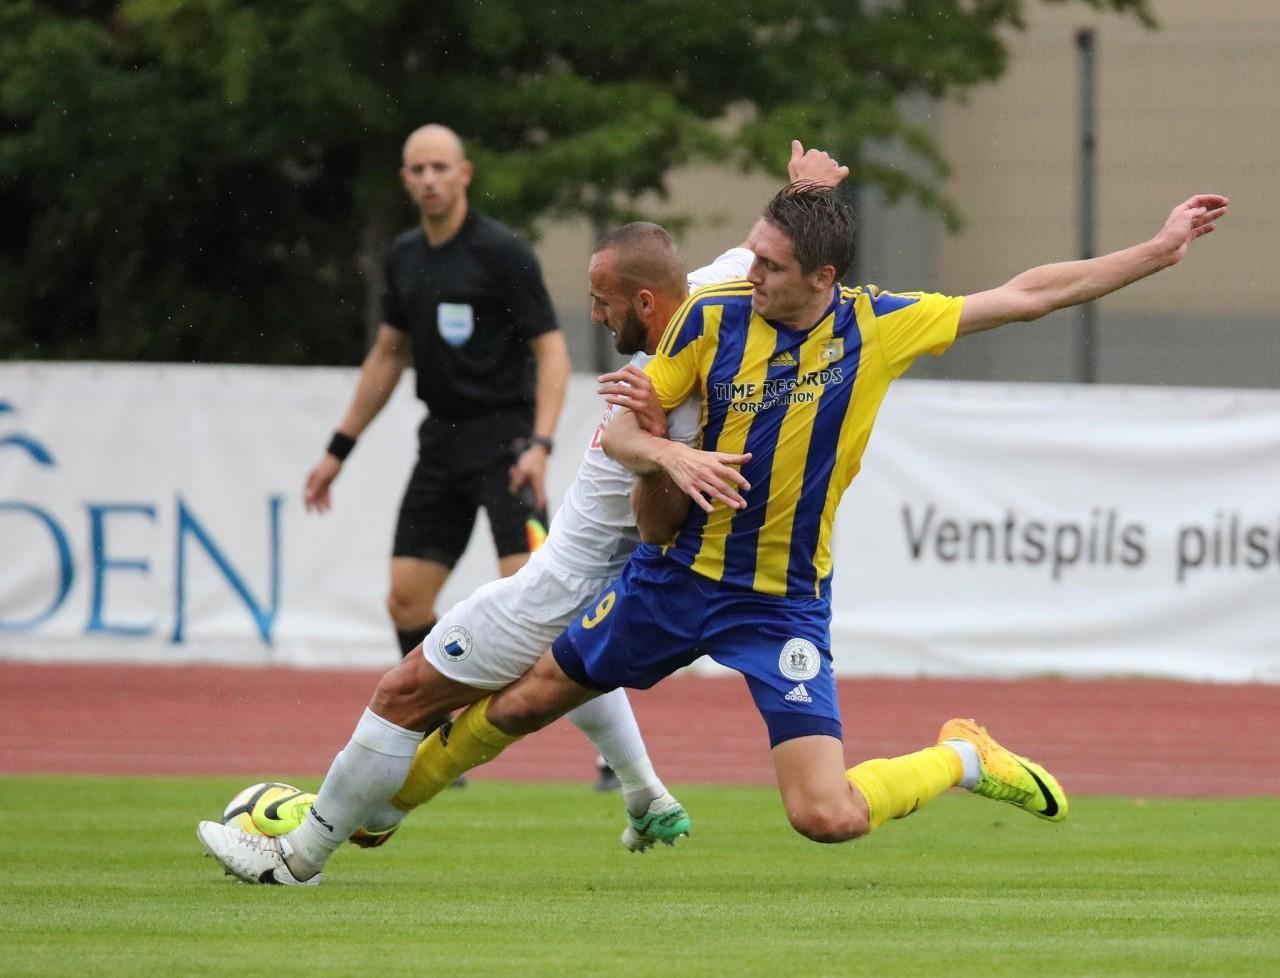 FK Ventspils, Sportazinas.com